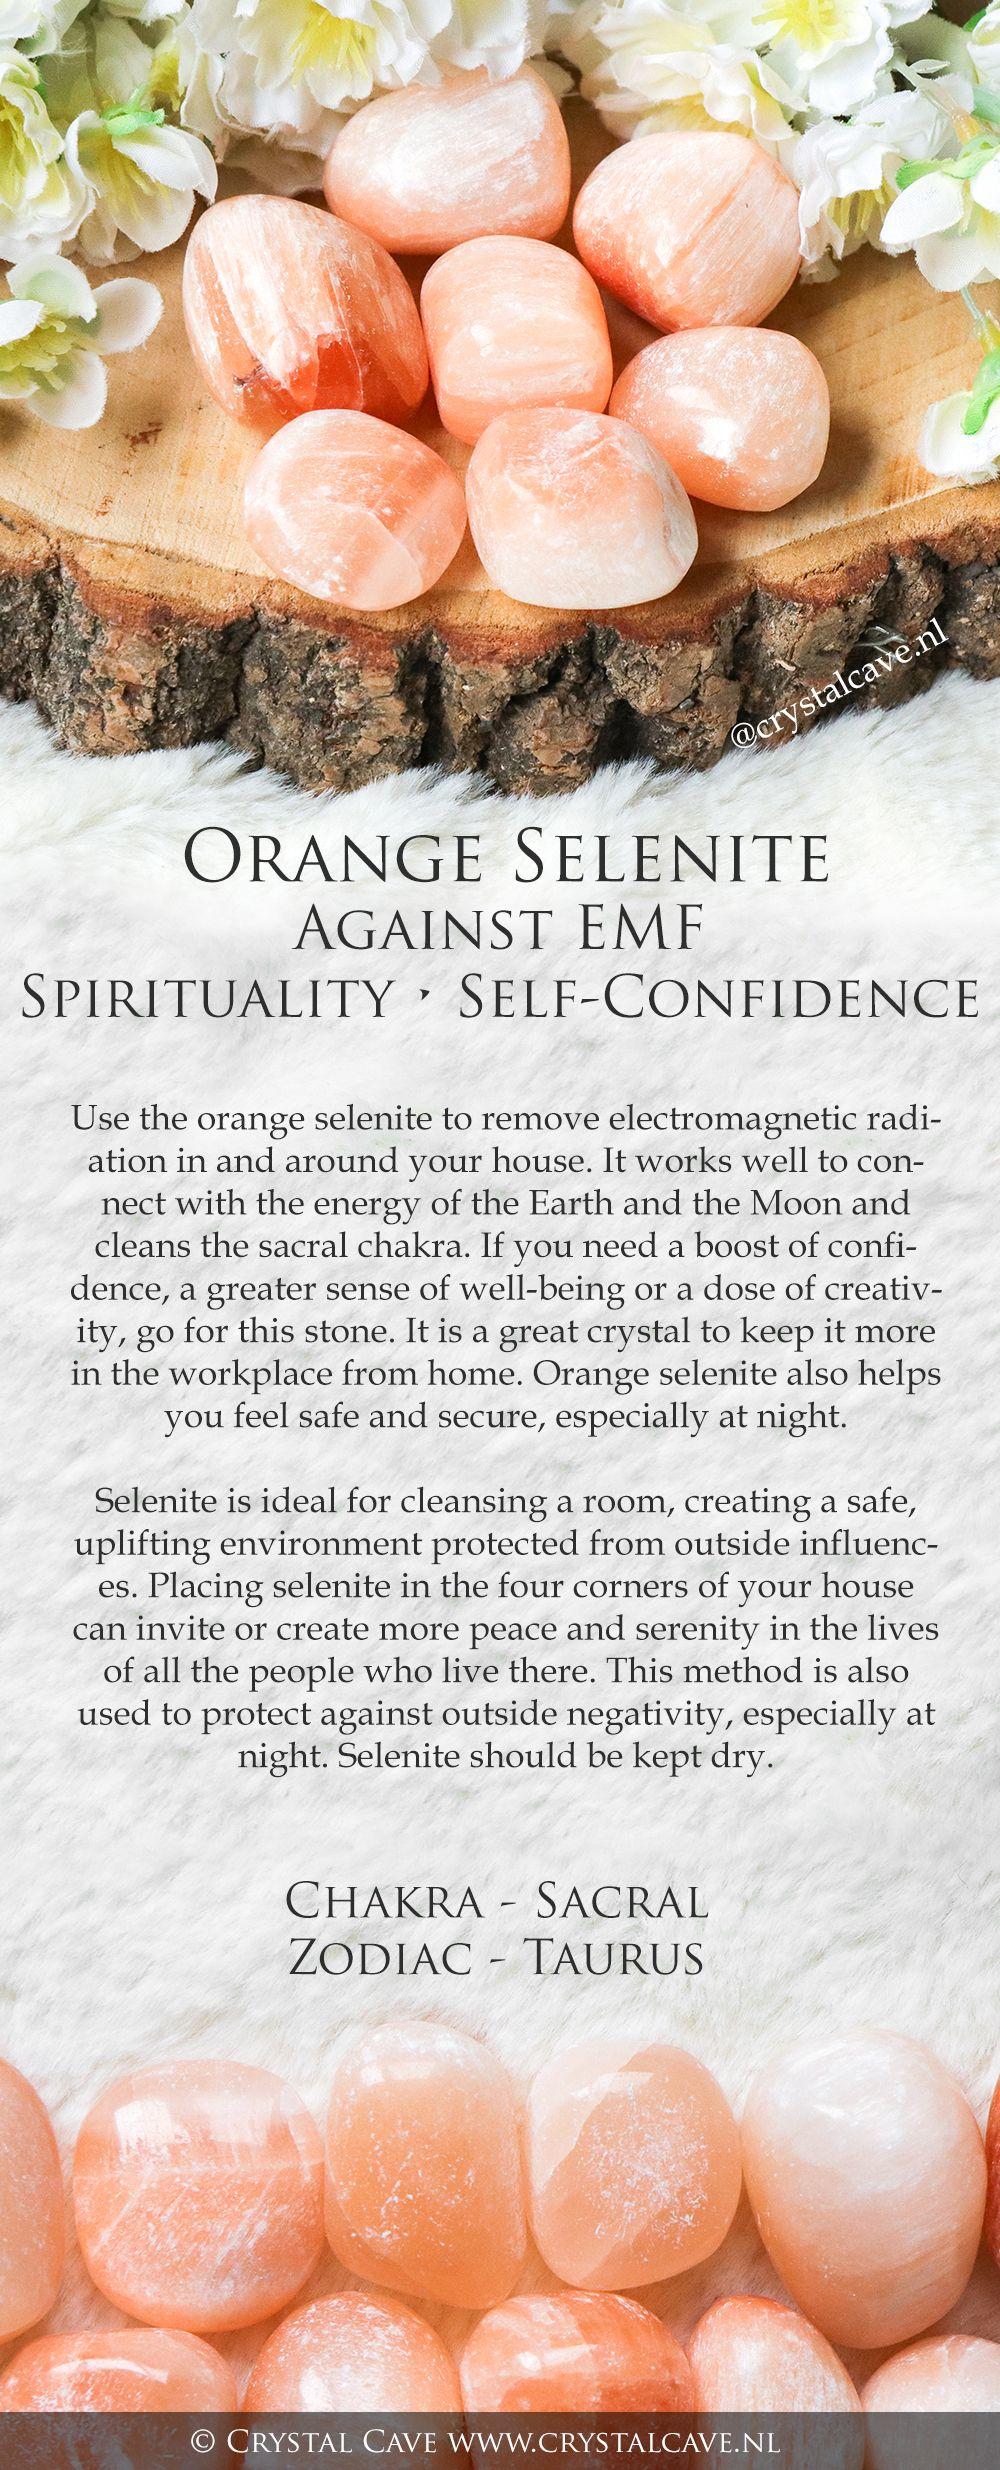 Orange Selenite Crystal Tumbled Stone Polished Stone Etsy Spiritual Crystals Selenite Crystal Crystals And Gemstones